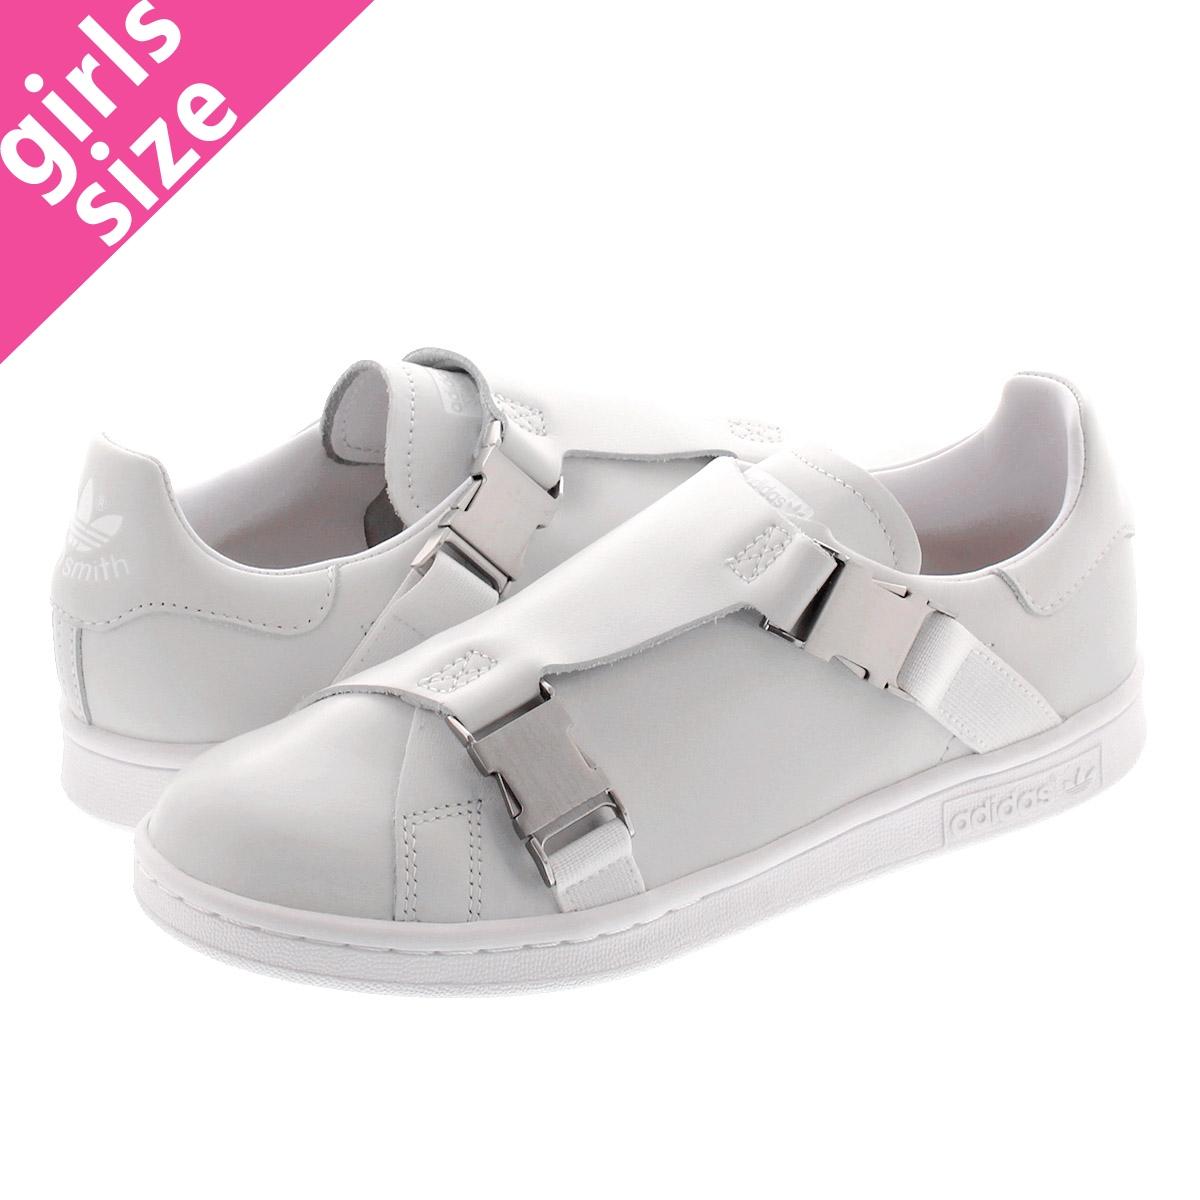 【毎日がお得!値下げプライス】 adidas STAN SMITH BCKL W アディダス スタンスミス バックル ウィメンズ RUNNING WHITE/GOLD MET/RUNNING WHITE ee4881